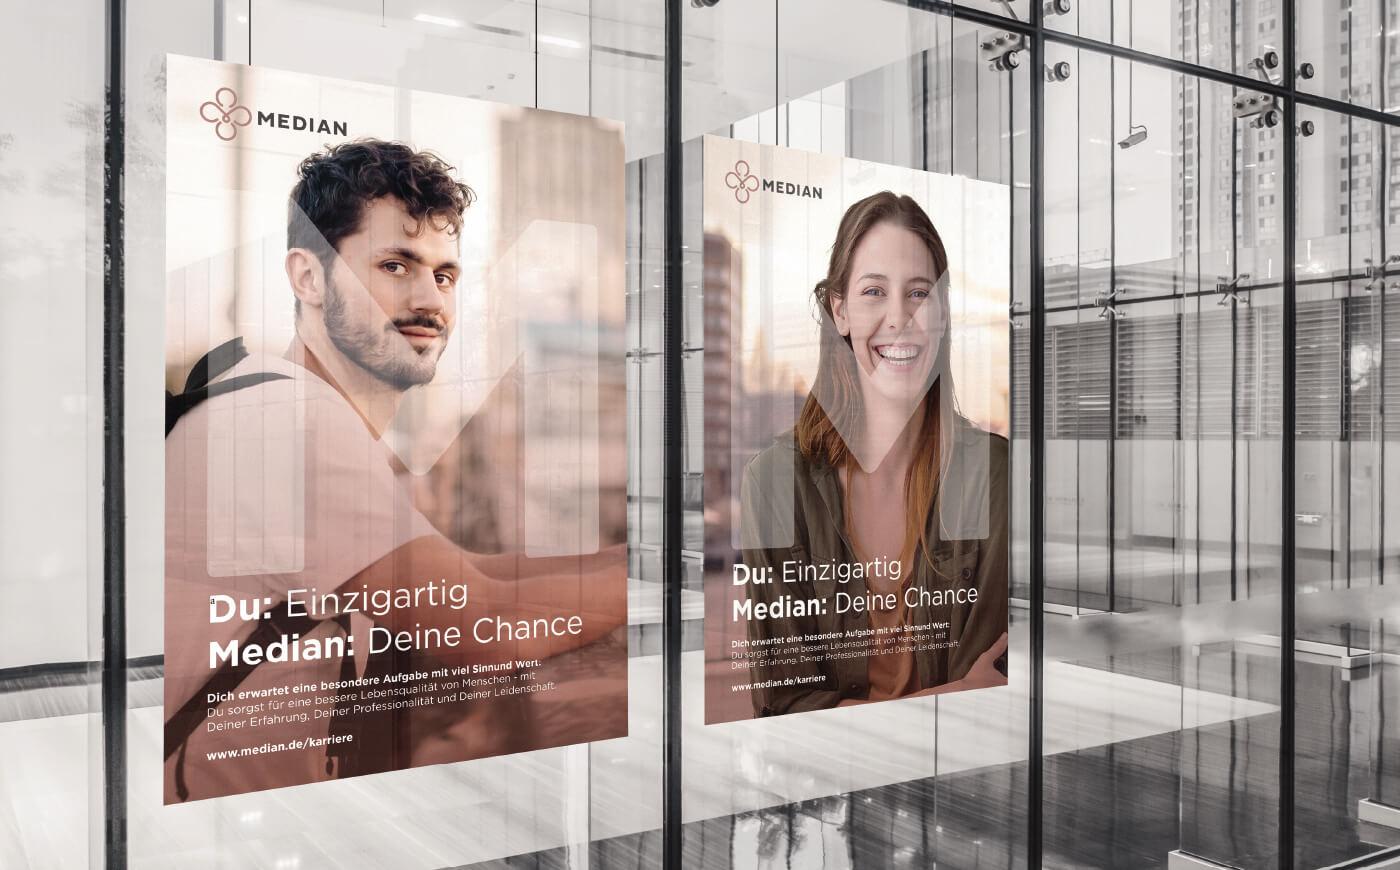 cyclos median klinik krankenhaus poster marketing klinikum